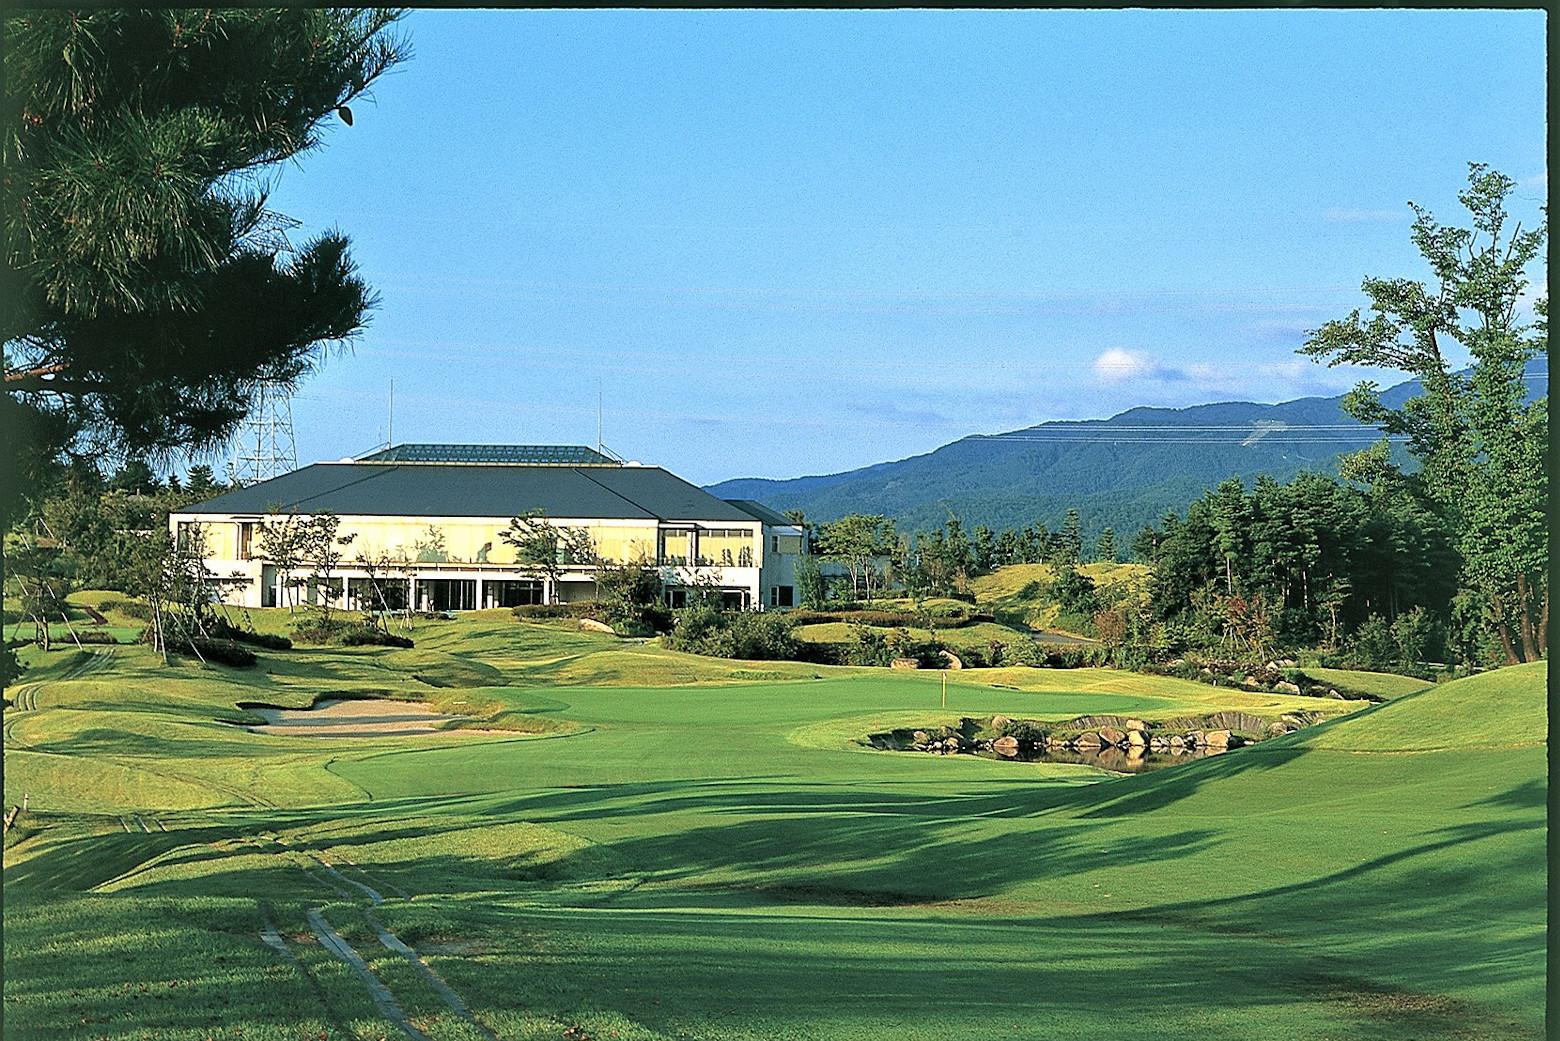 阿賀野自慢の大自然の中 激安 ゴルフをご堪能ください 販売期間 限定のお得なタイムセール ふるさと納税 イーストヒルゴルフクラブ 利用券 15 000円分 ゴルフ場